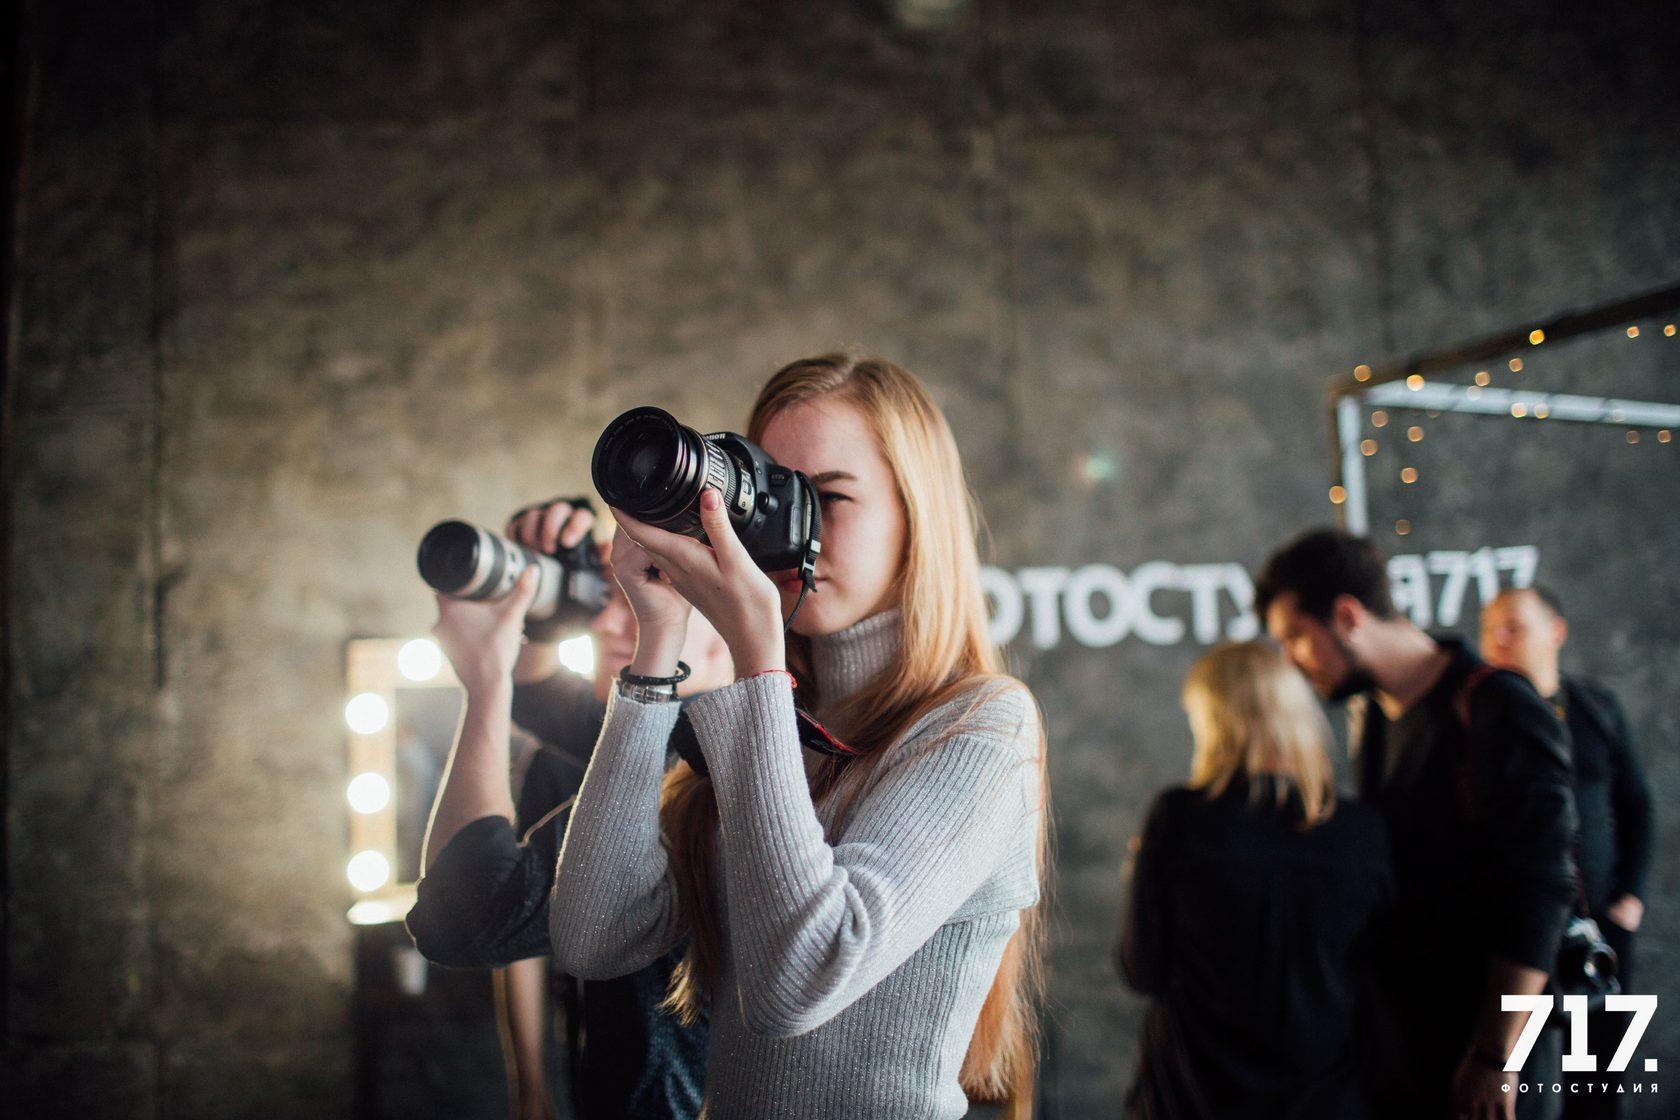 фотографы которые фотографируют в клубах этом фотошоп видеоуроке